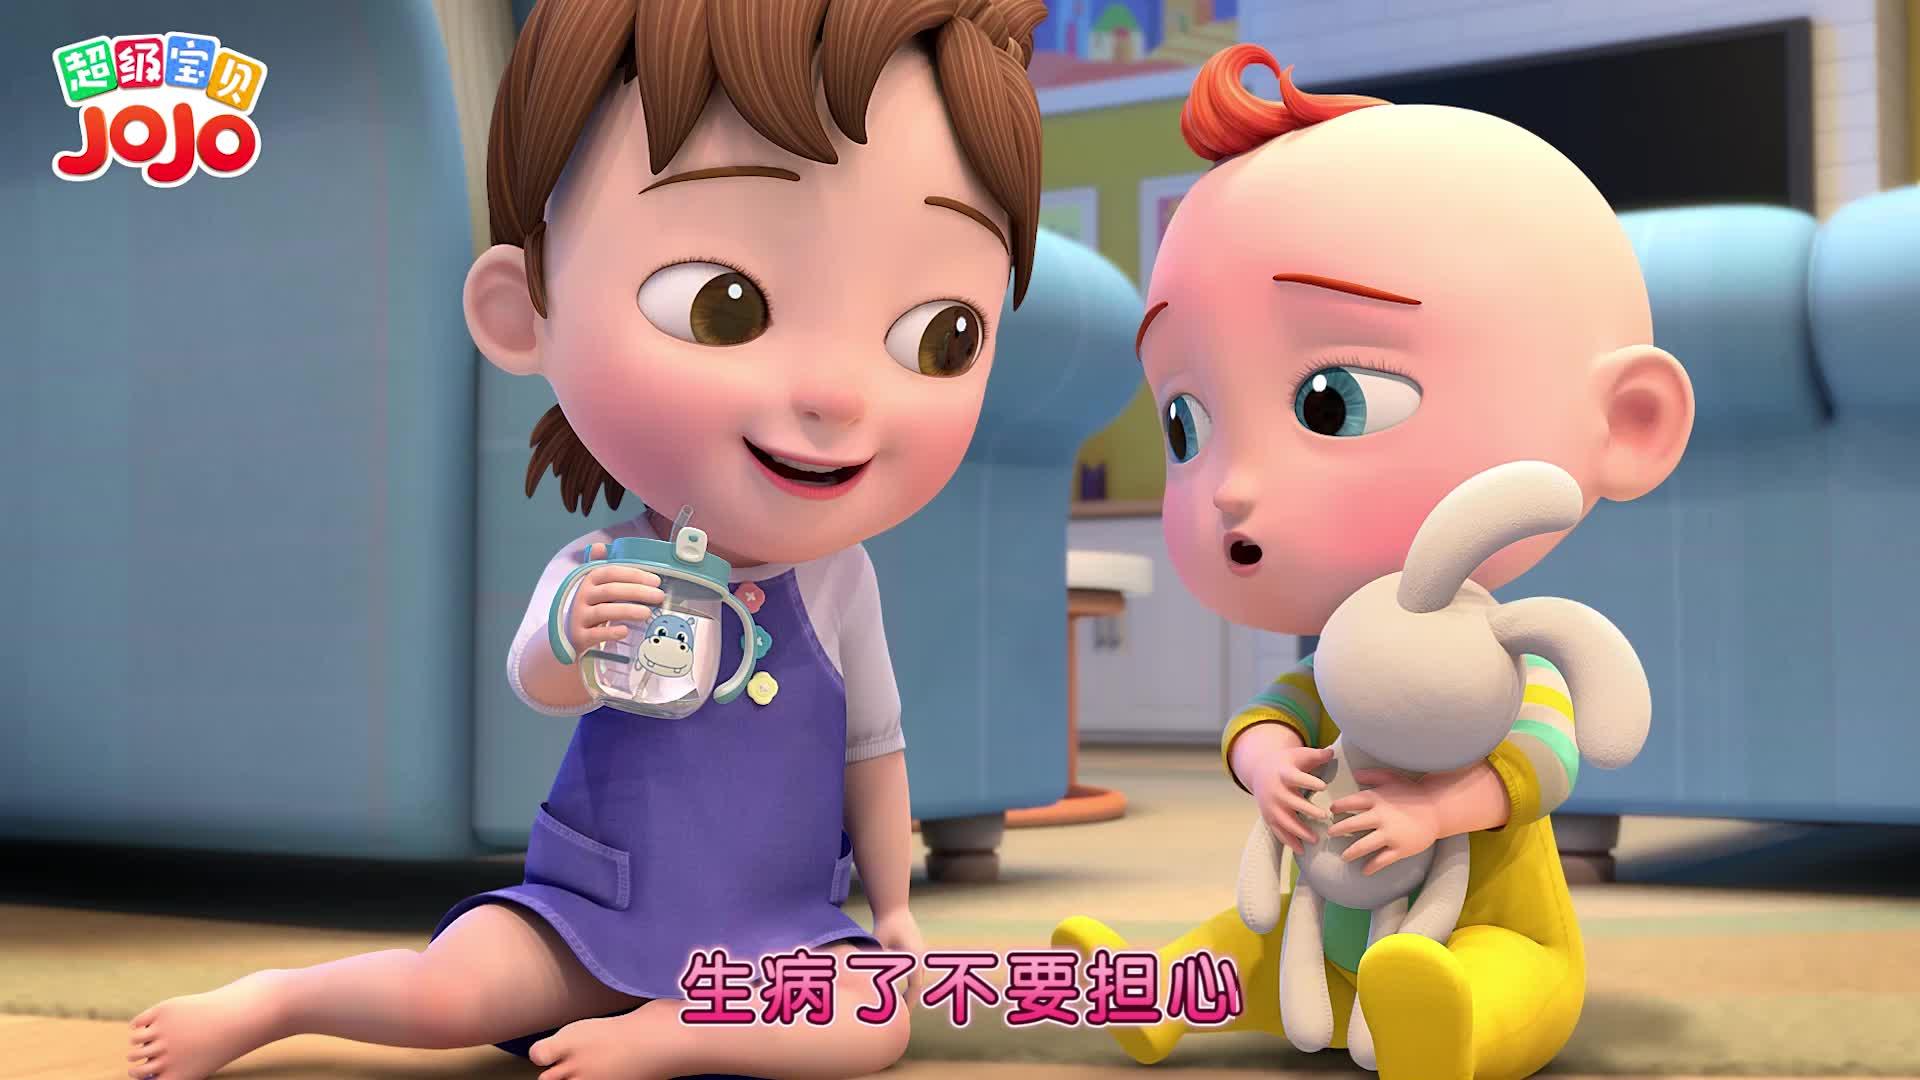 超级宝贝JOJO 第18集 宝宝生病了